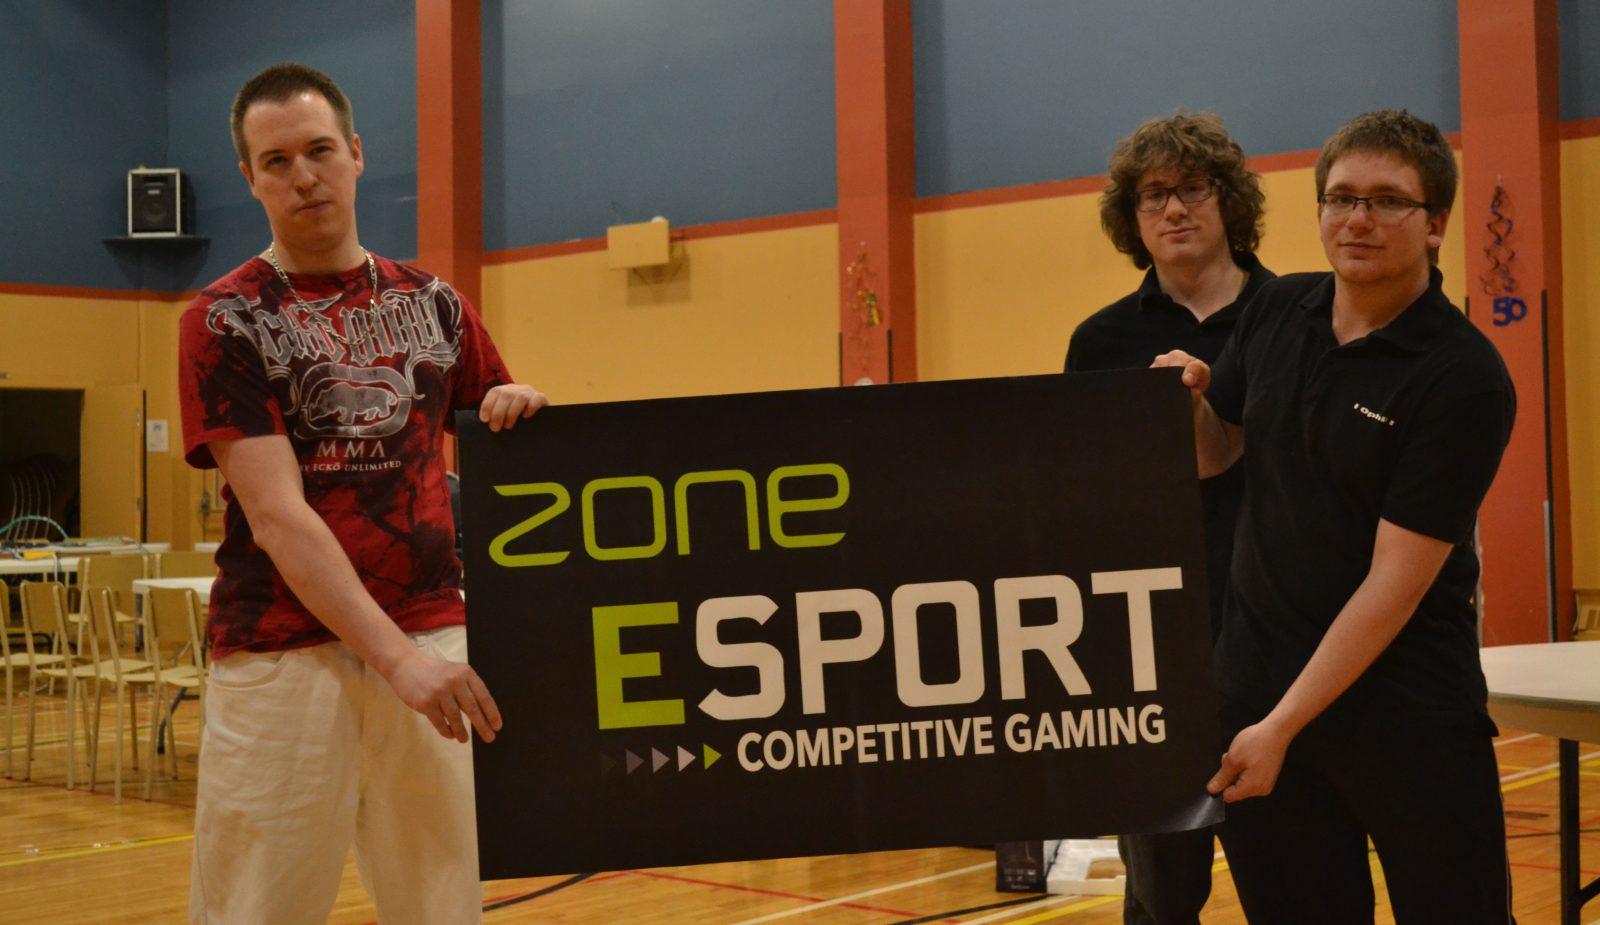 Jeux vidéo: la tranche compétitive se développe